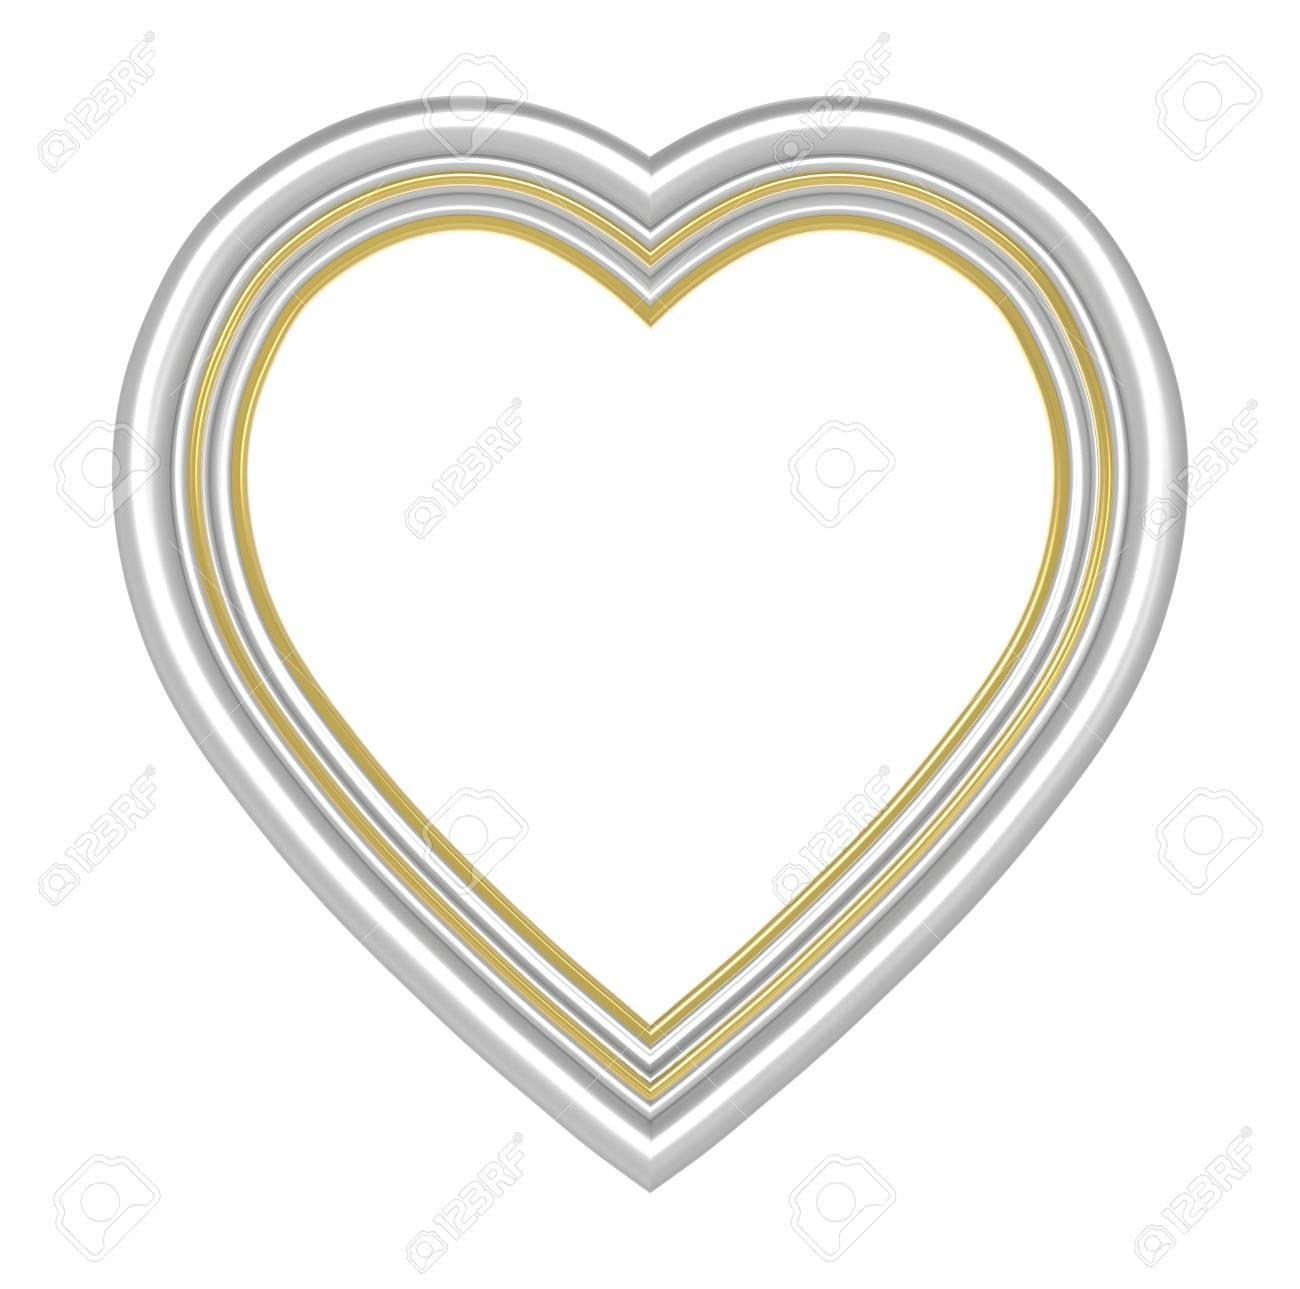 Silber Gold Herz Bilderrahmen Isoliert Auf Weiß. 3D-Darstellung ...